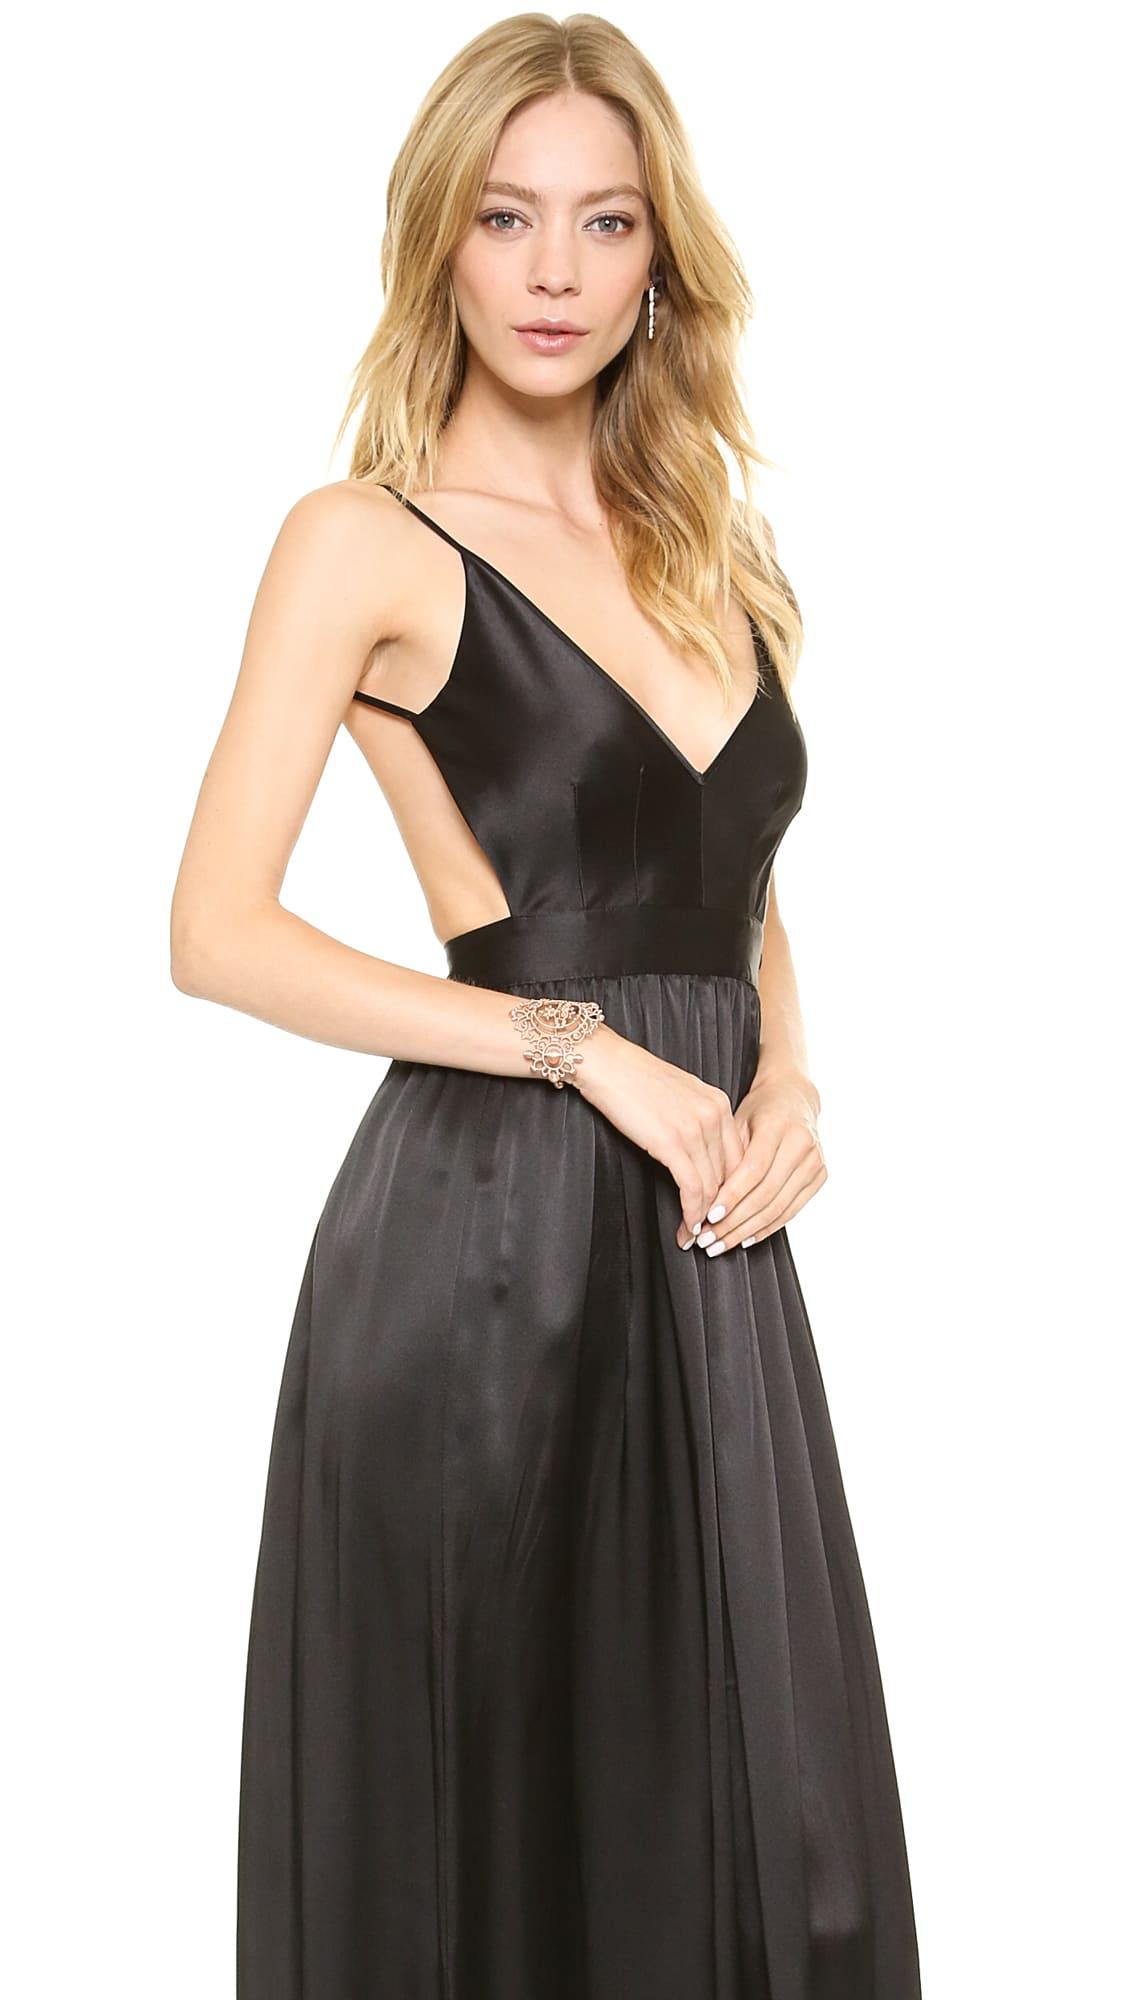 ed25b59e3 Contrarian1. Contrarian3. Contrarian4. Previous Next. This long silk dress  features a deep V neck ...